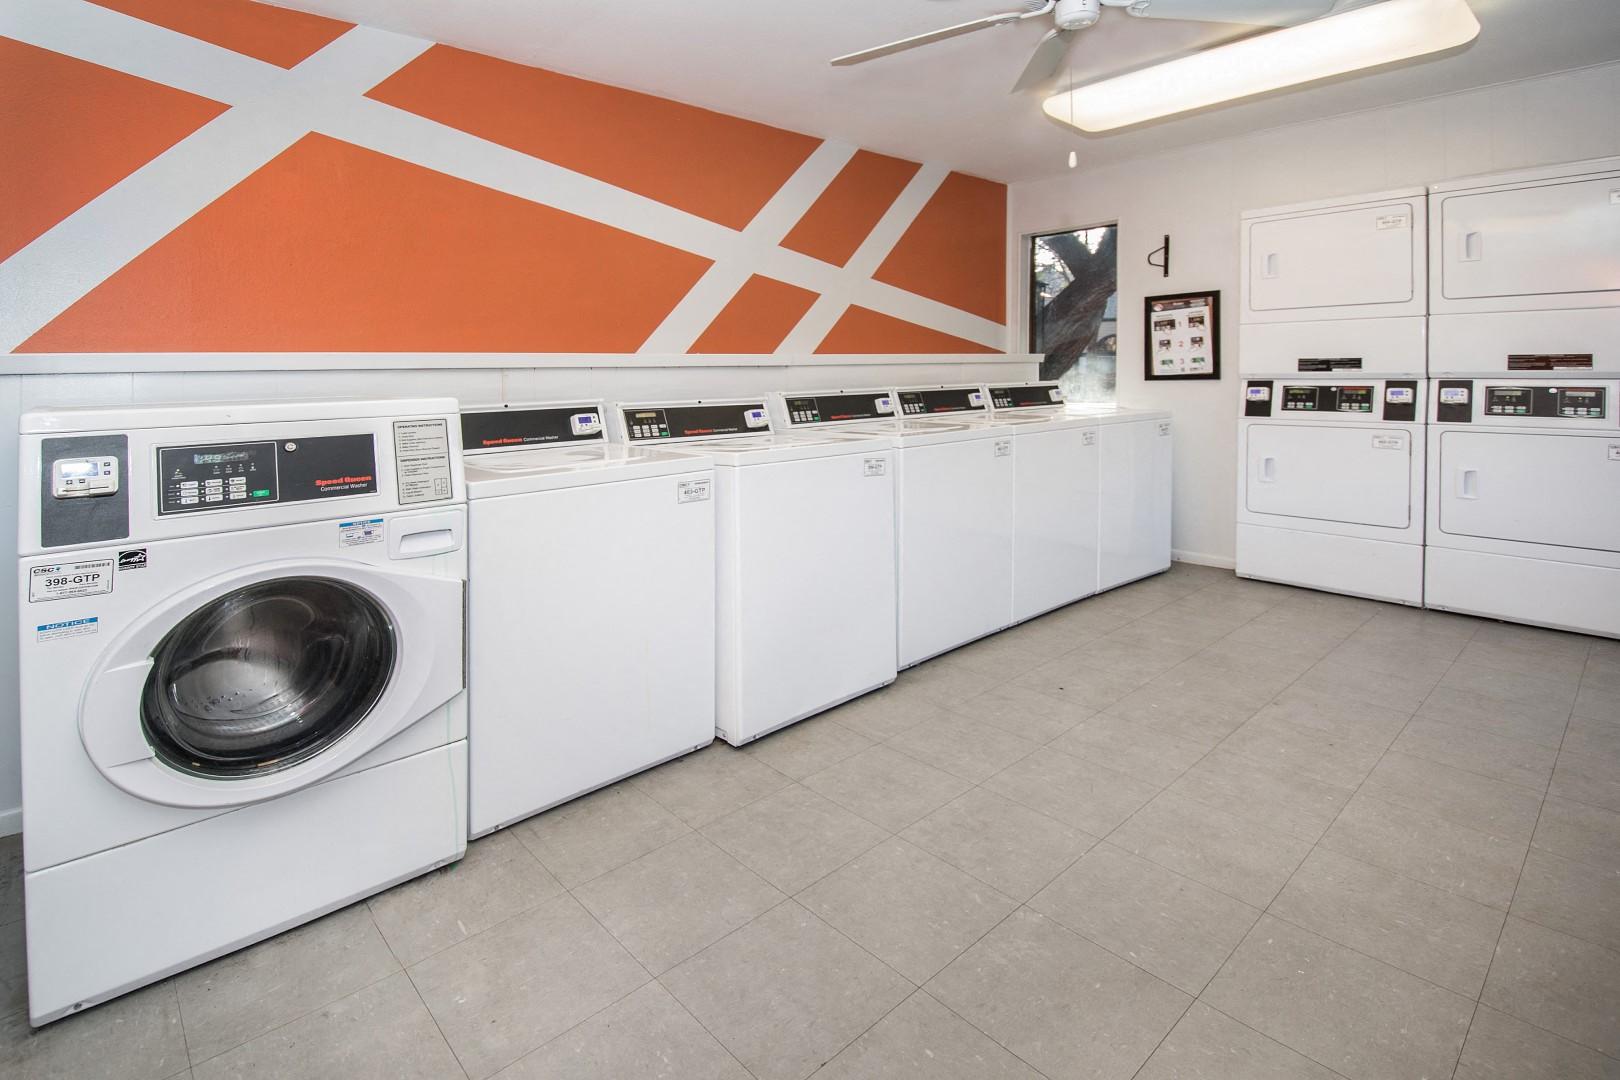 northwest san antonio apartments with laundry